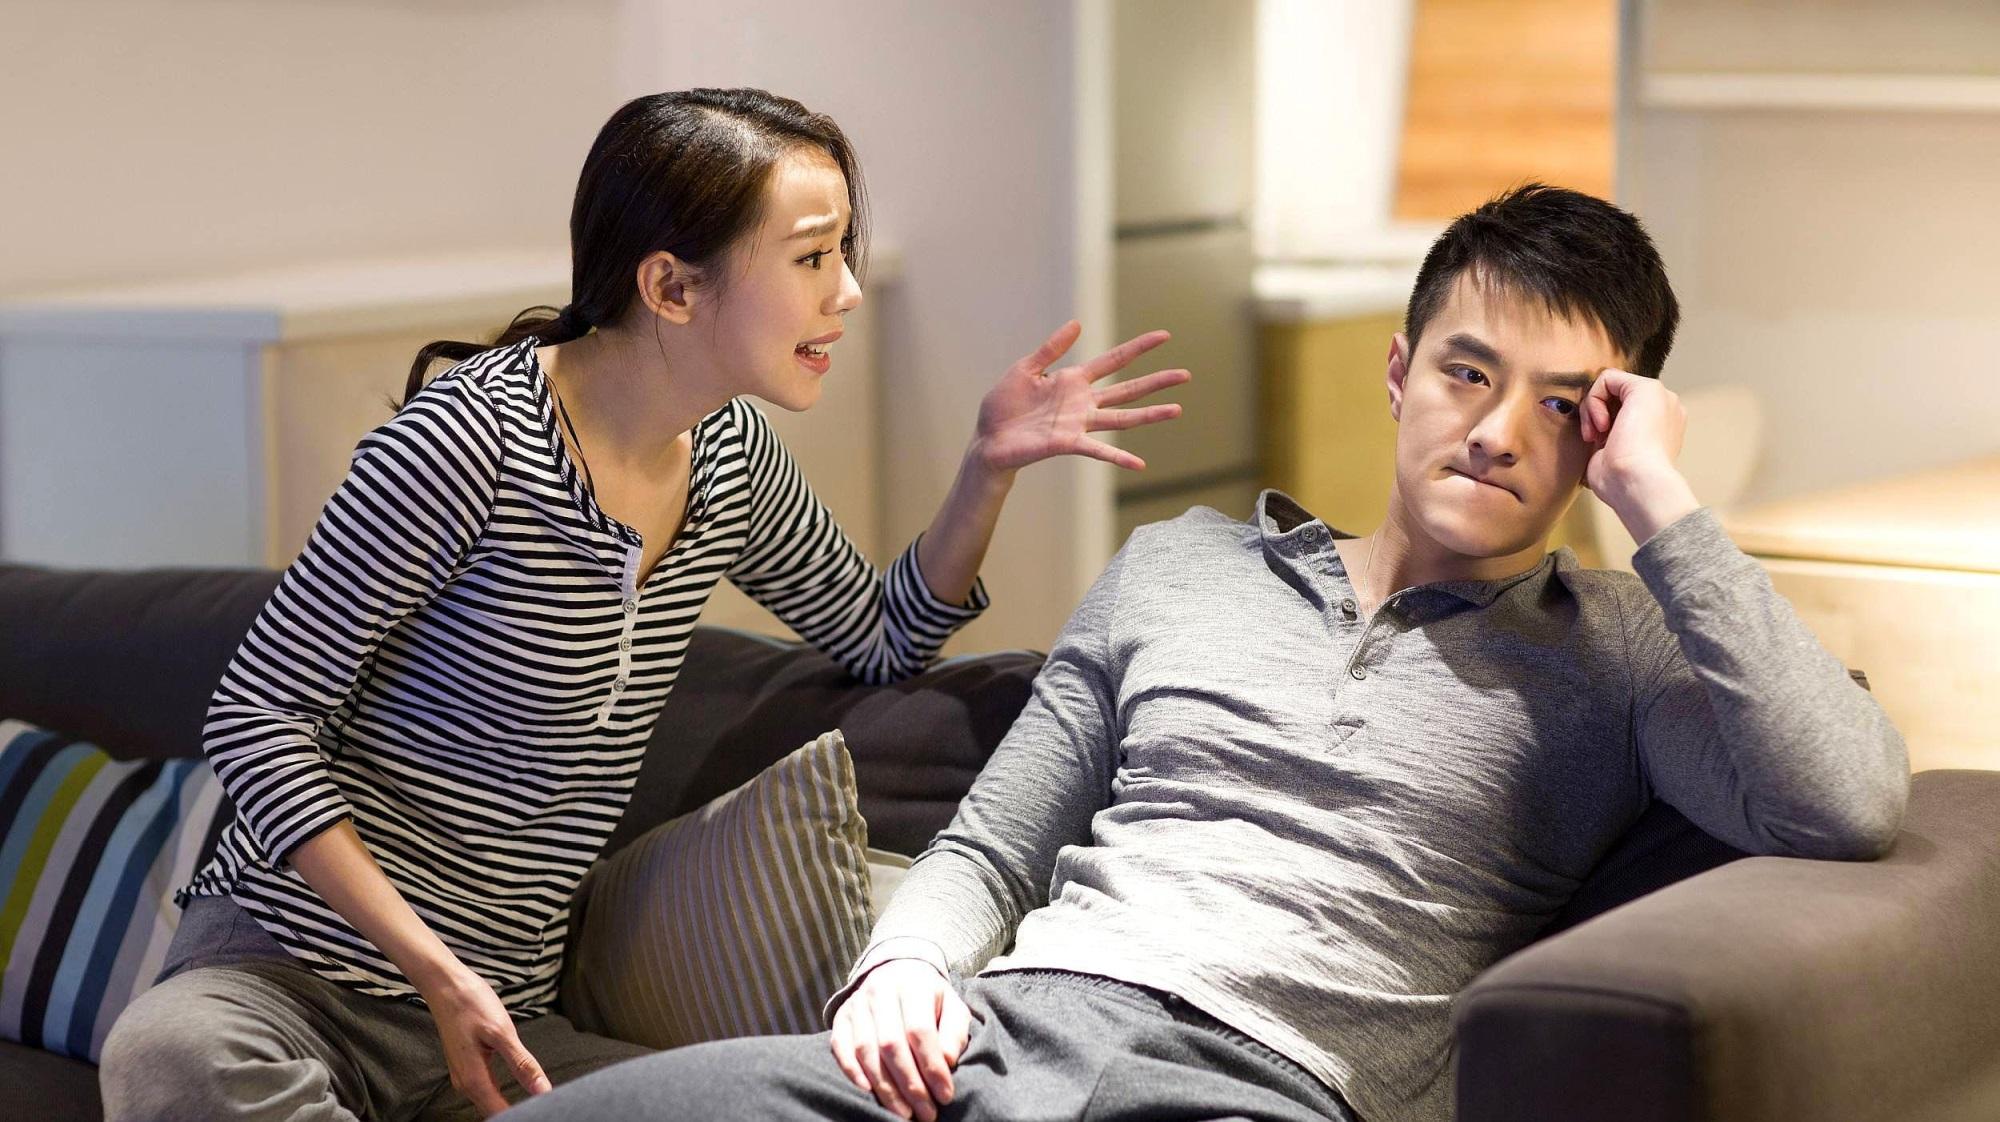 5 nguyên nhân khiến vợ 'mất lửa' trong chuyện yêu, chồng nên biết để thông cảm với vợ - Ảnh 4